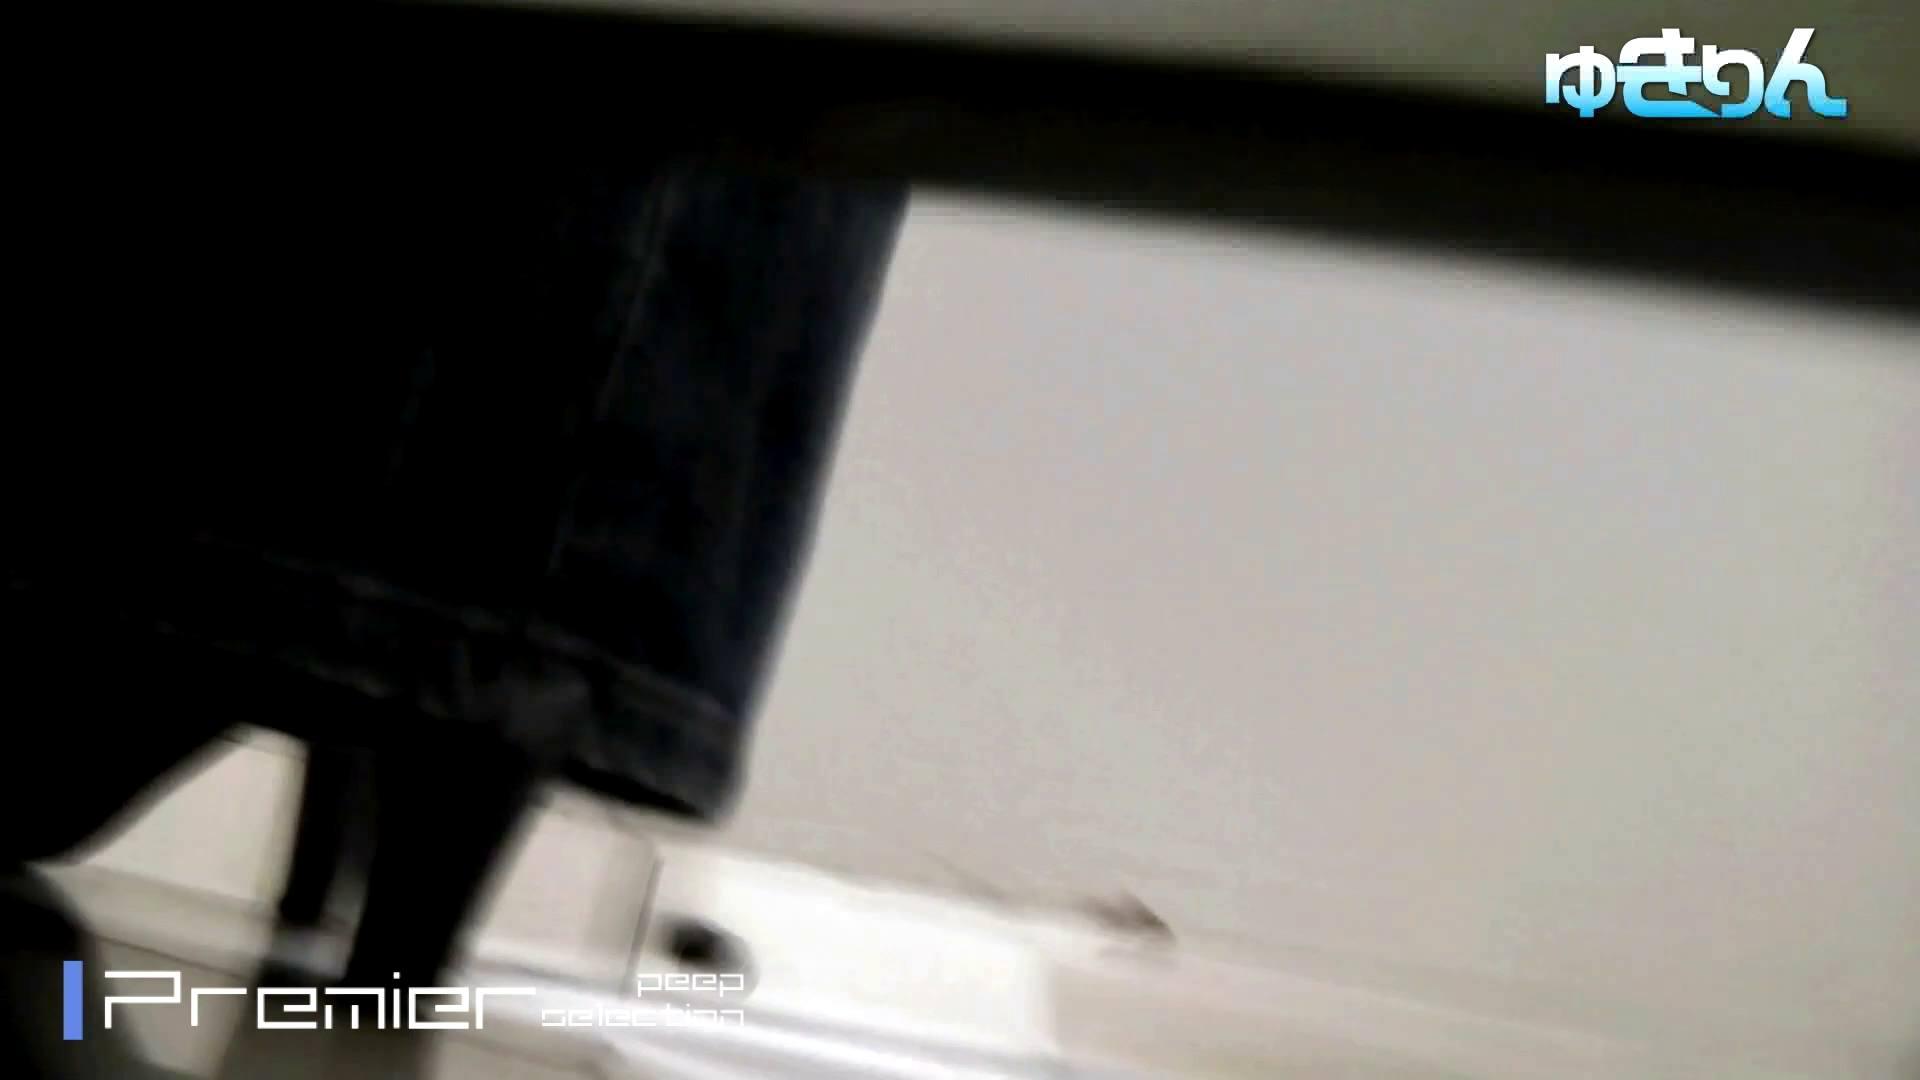 新世界の射窓 No105 つやつやの黒髪長身 美肌 おめこ無修正動画無料 90枚 56